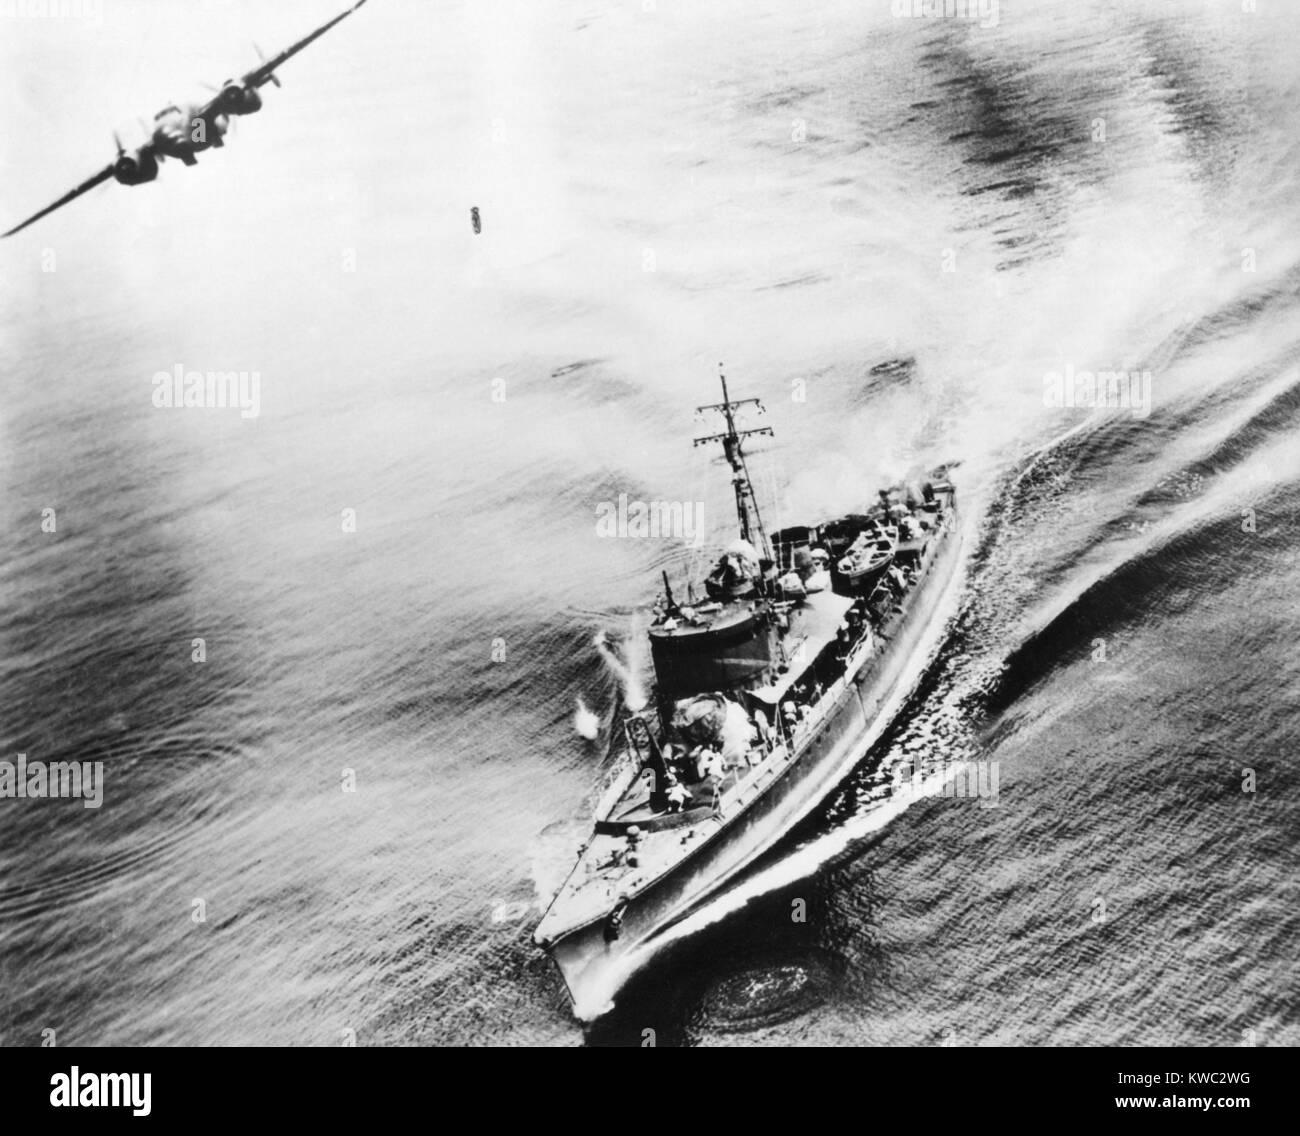 Piccola guerra giapponese nave bombardato dagli STATI UNITI B-25 bombardiere nel mare di Bismarck, Marzo 21, 1944. Immagini Stock